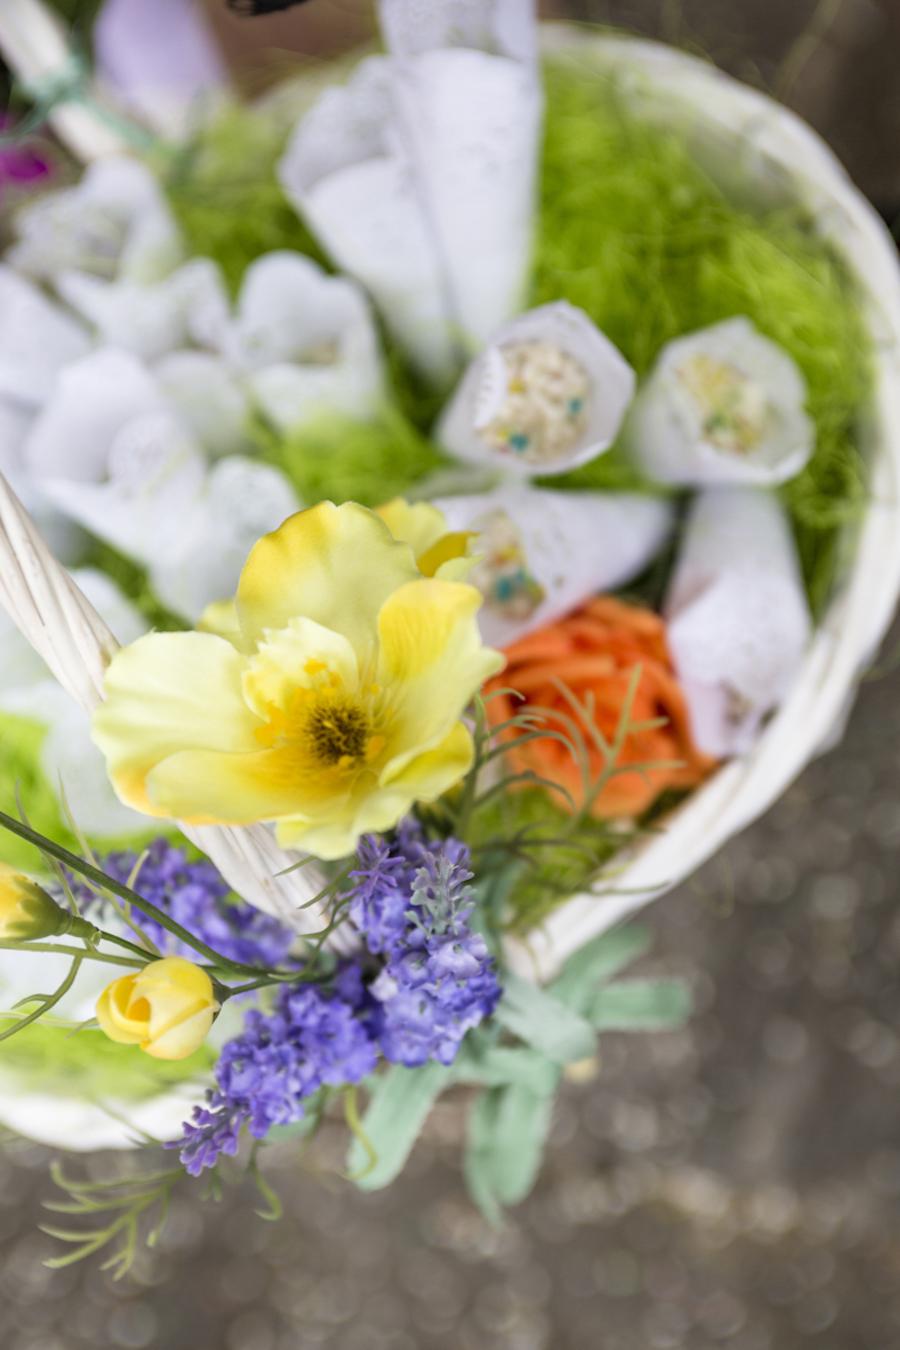 matrimonio-colorato-con-fenicotteri-matrimonio-adhoc-11